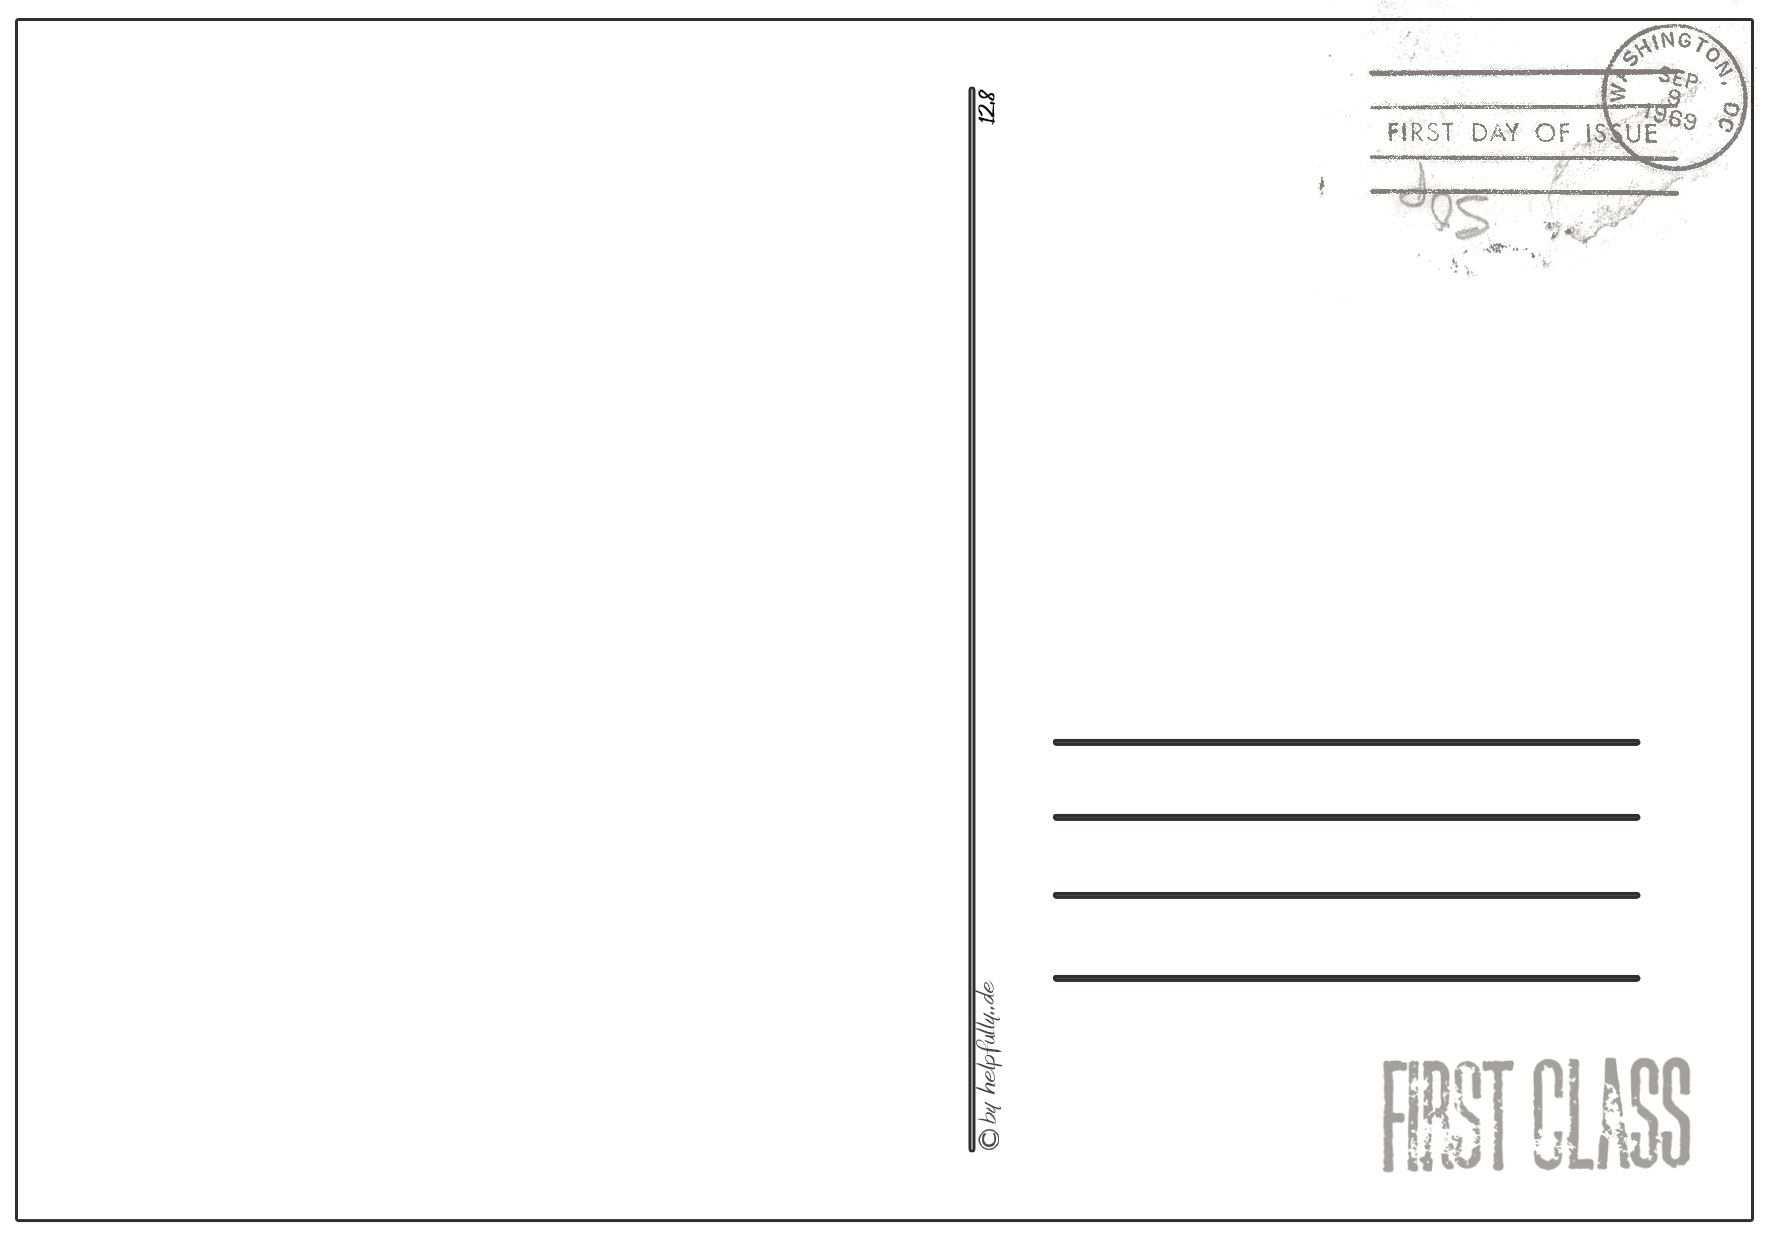 Papiervorlage Postkarte First Class 7 Postkarten Gutscheine Vorlagen